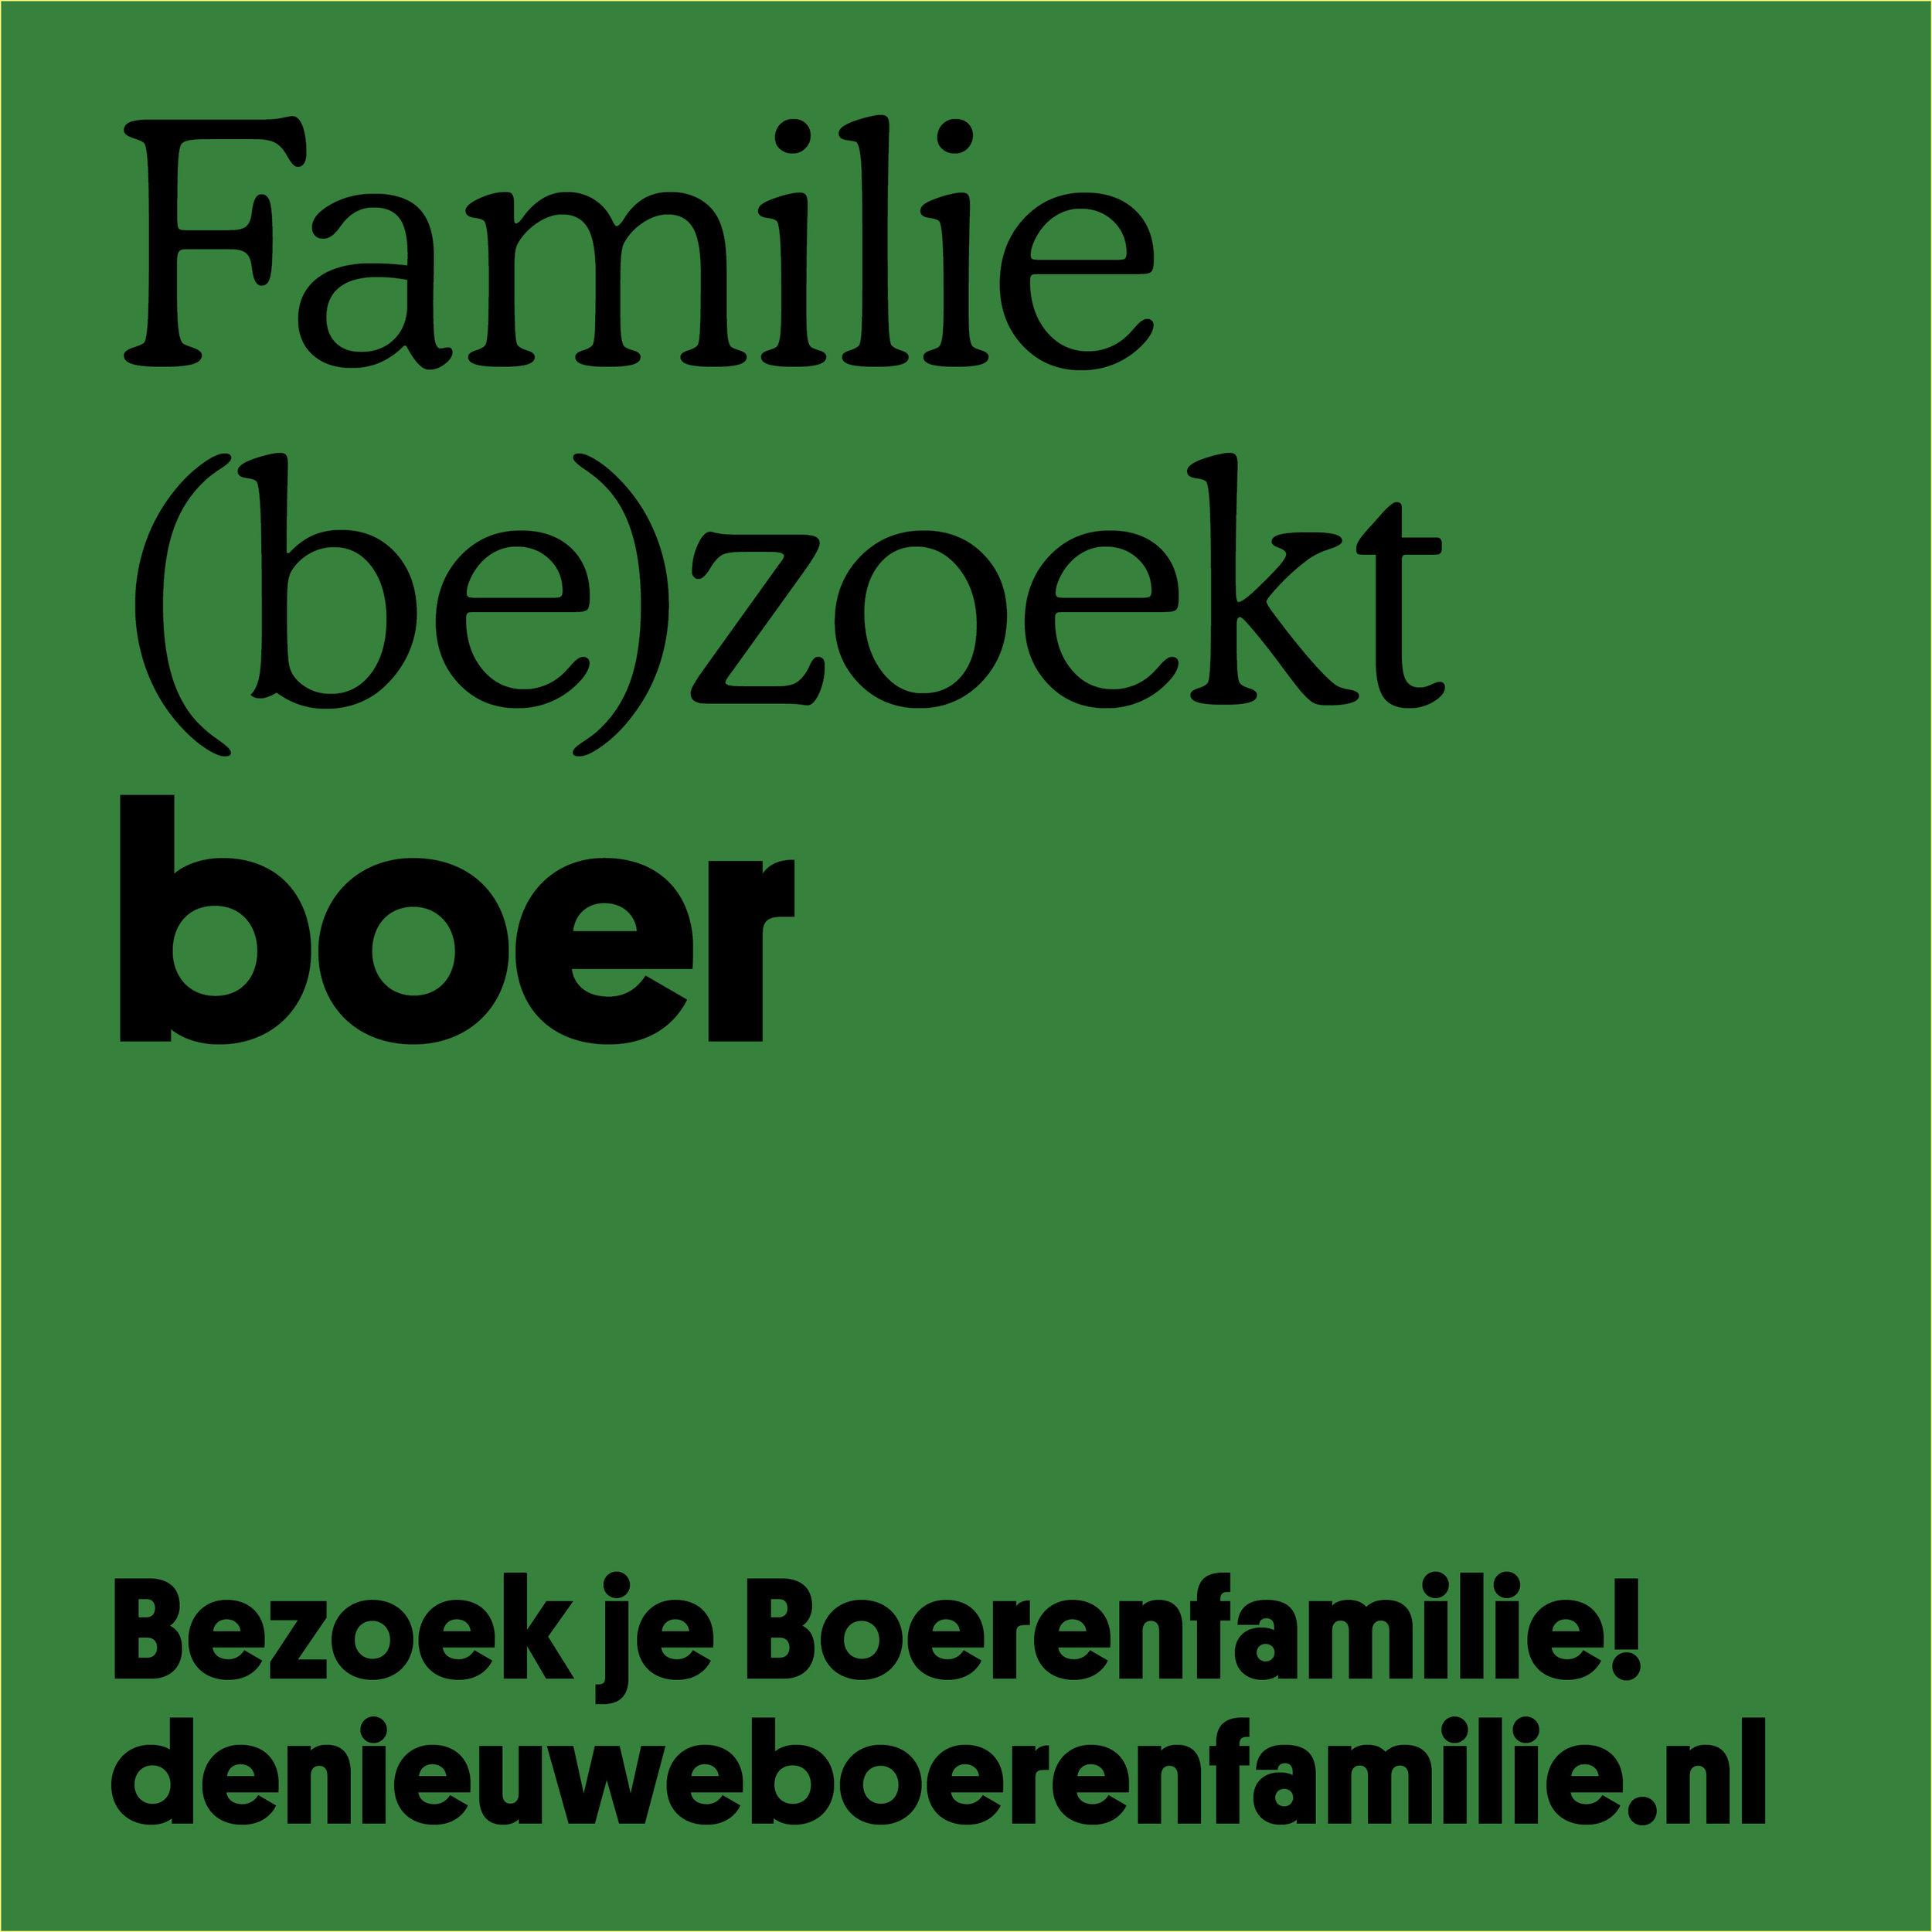 Familie (be)zoekt boer.jpg